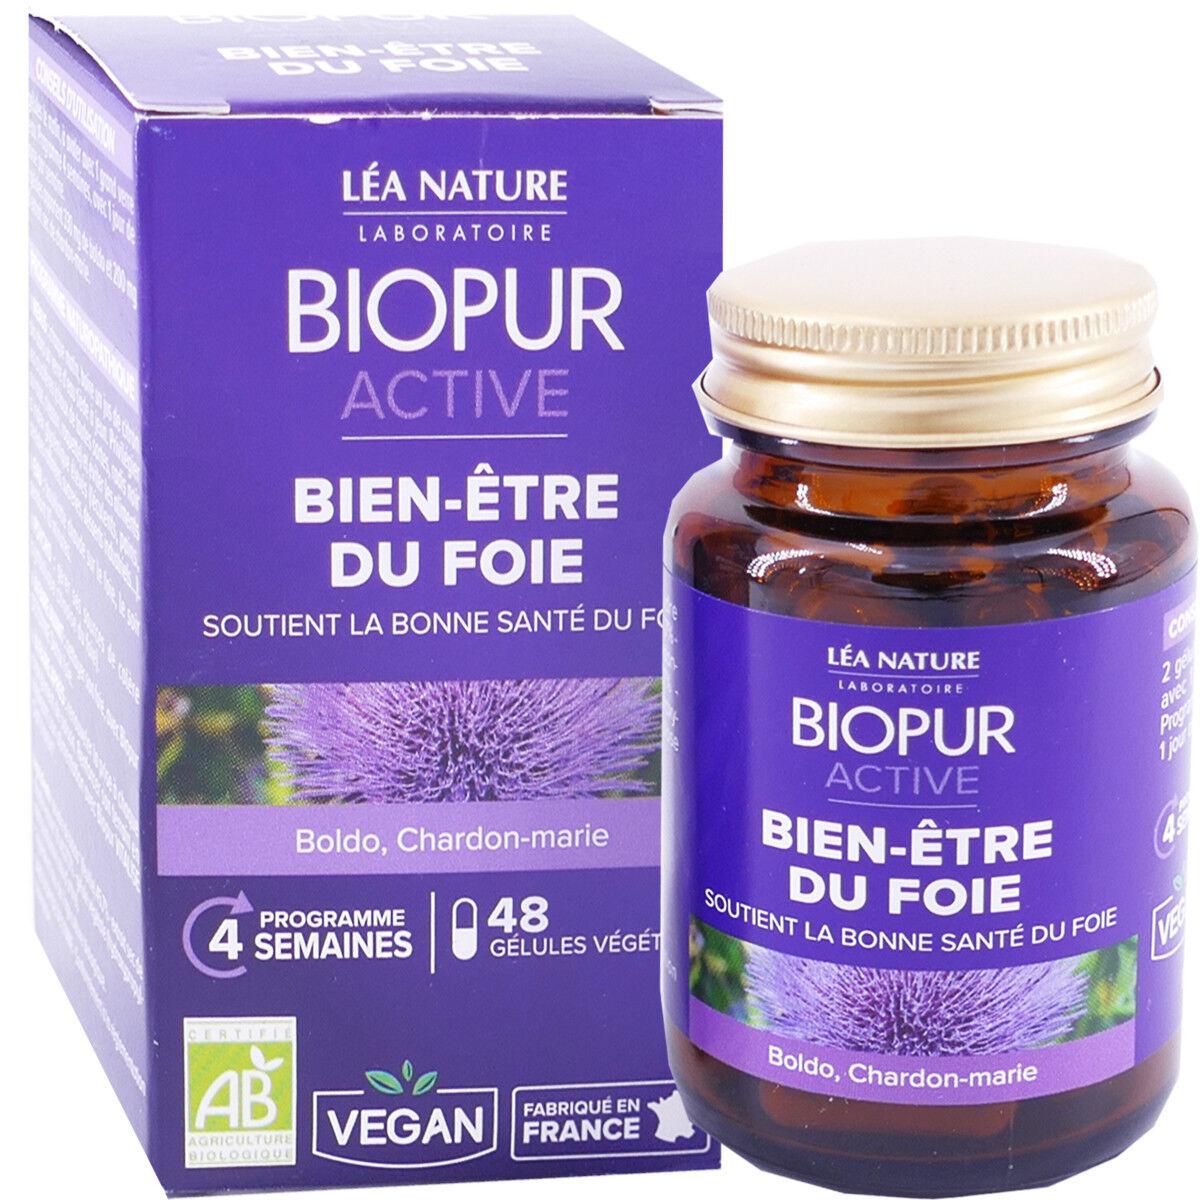 LEA NATURE Biopur bien etre du foie 48 gelules